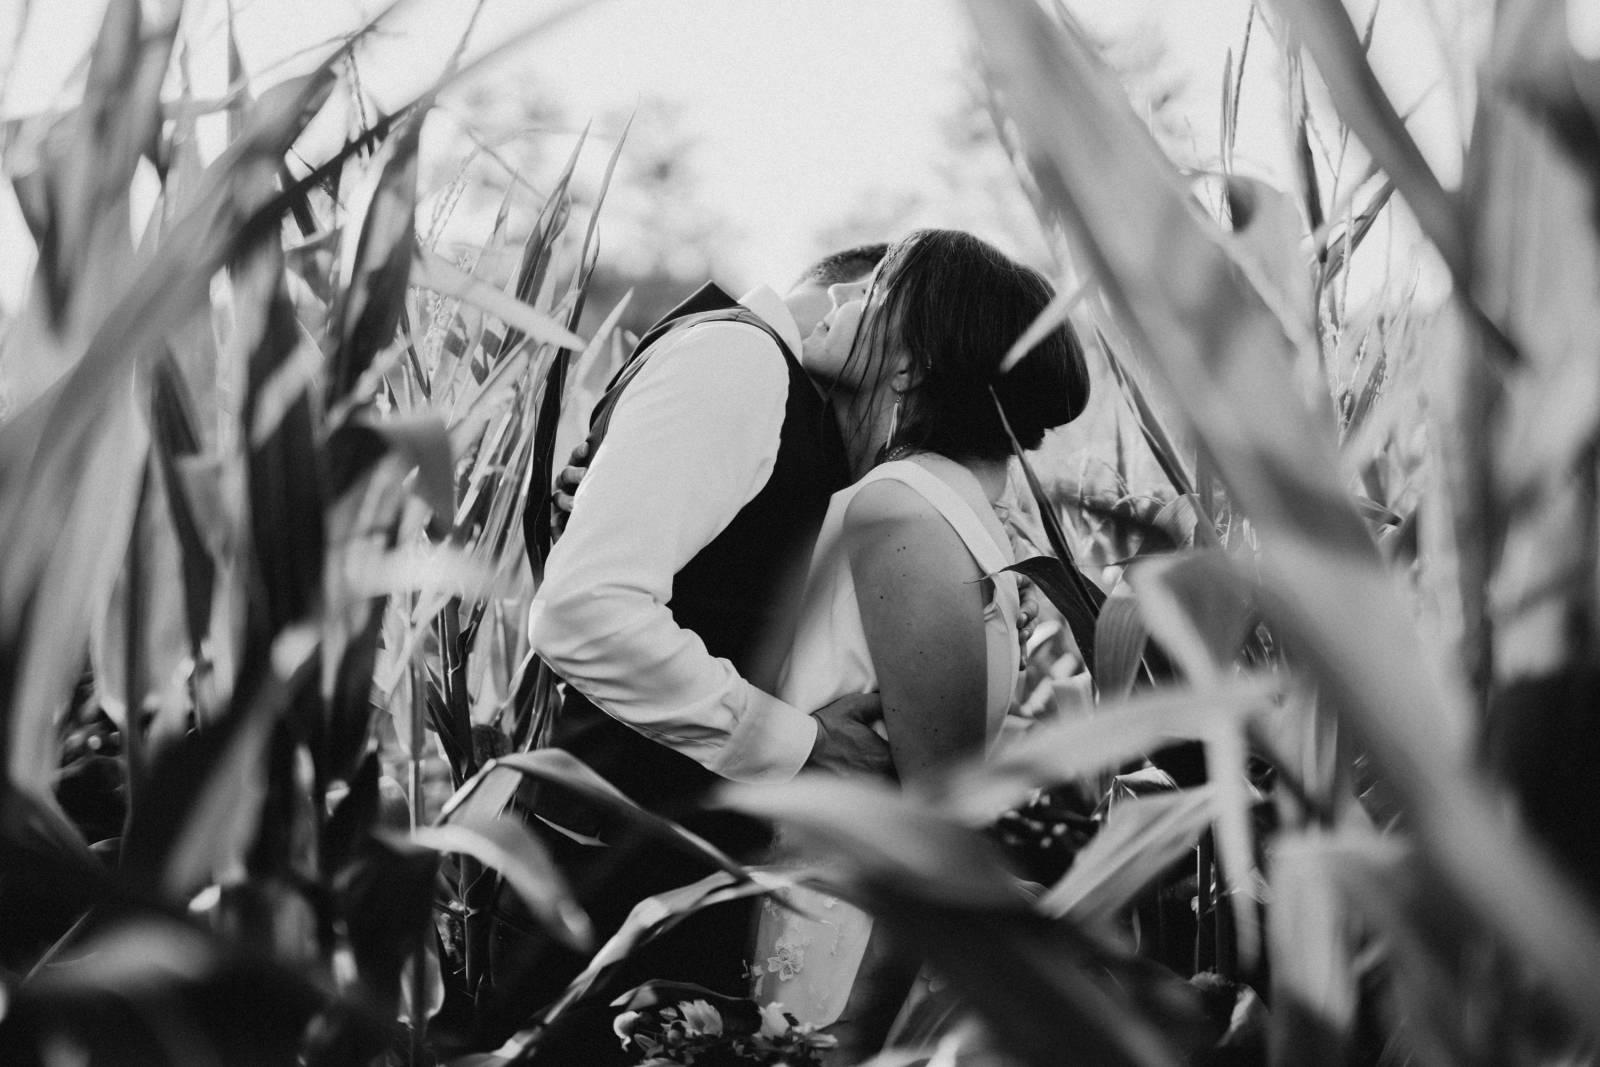 Frankie and Fish - Trouwfotograaf - Huwelijksfotograaf - Bruidsfotograaf - House of Weddings - 30